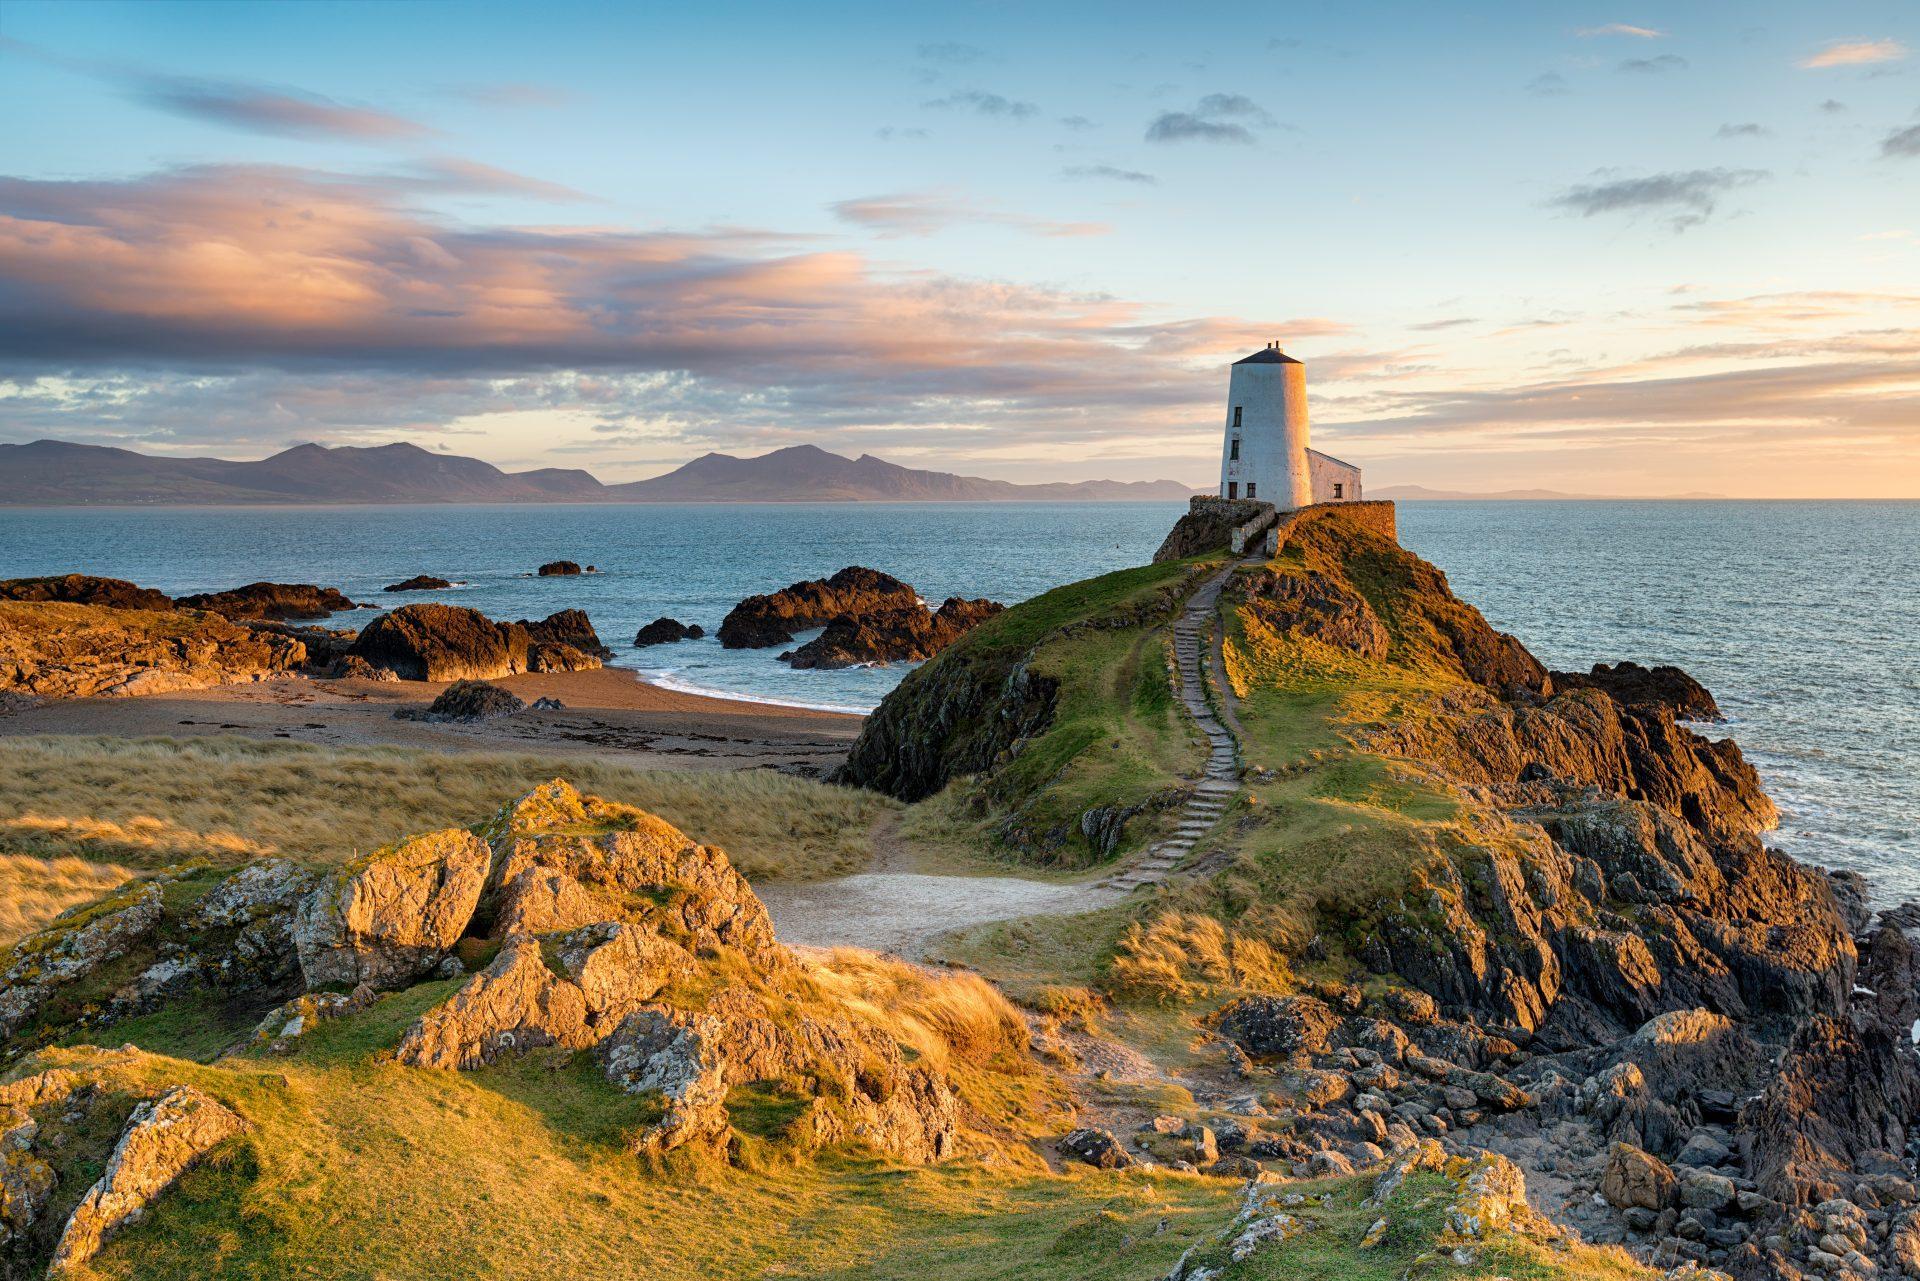 Ynys Llanddwyn in Anglesey